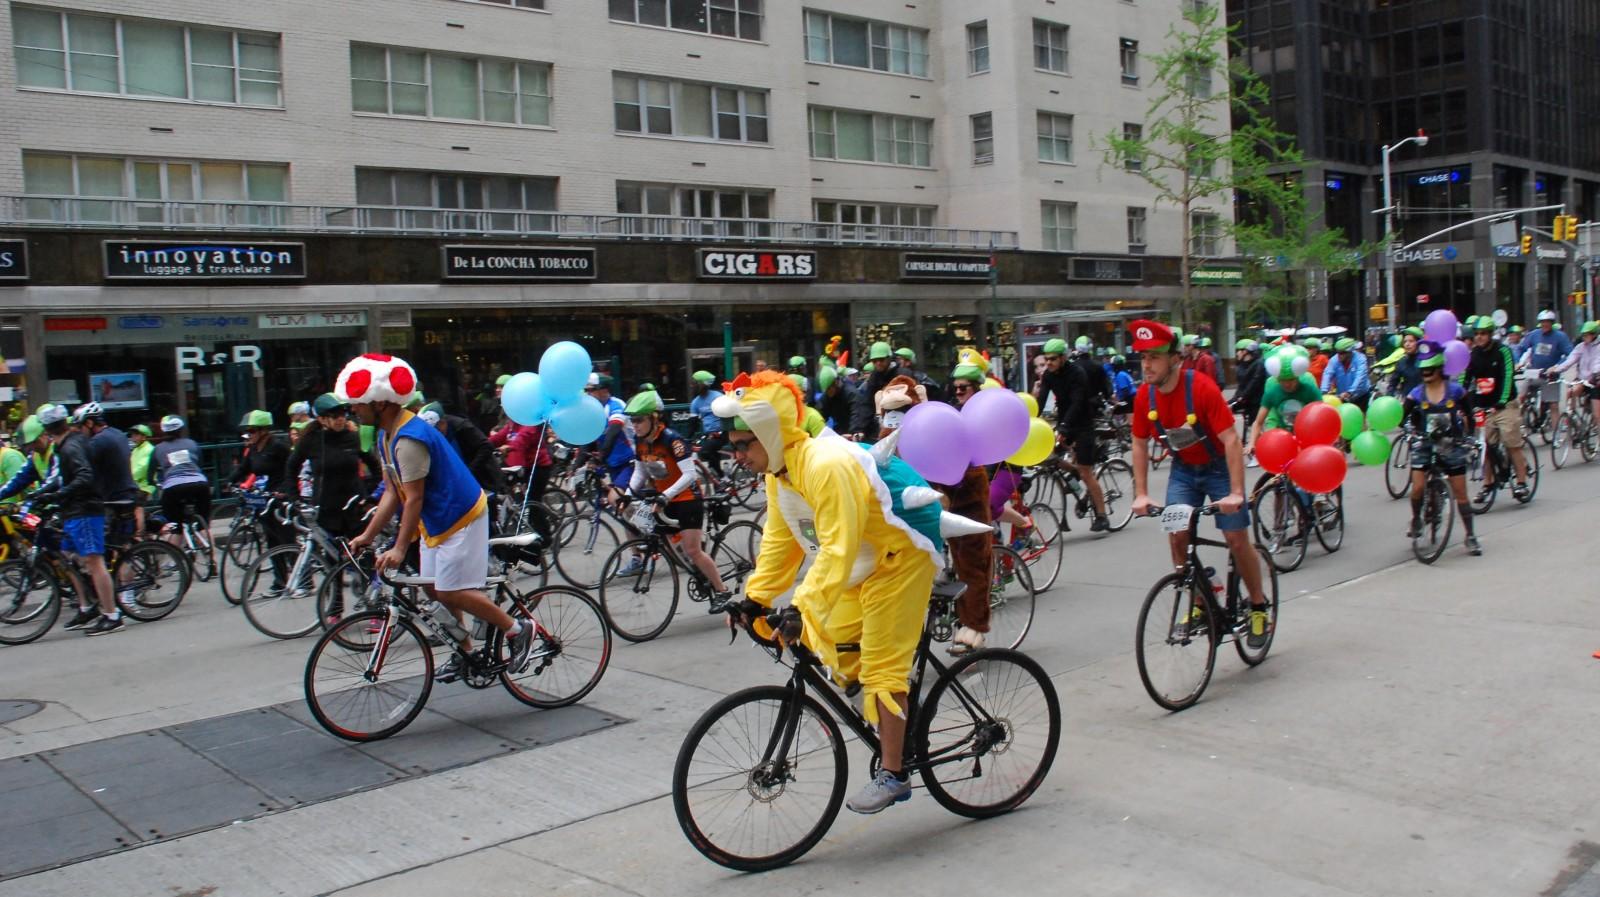 Mario Kart rides the 5 boro bike tour